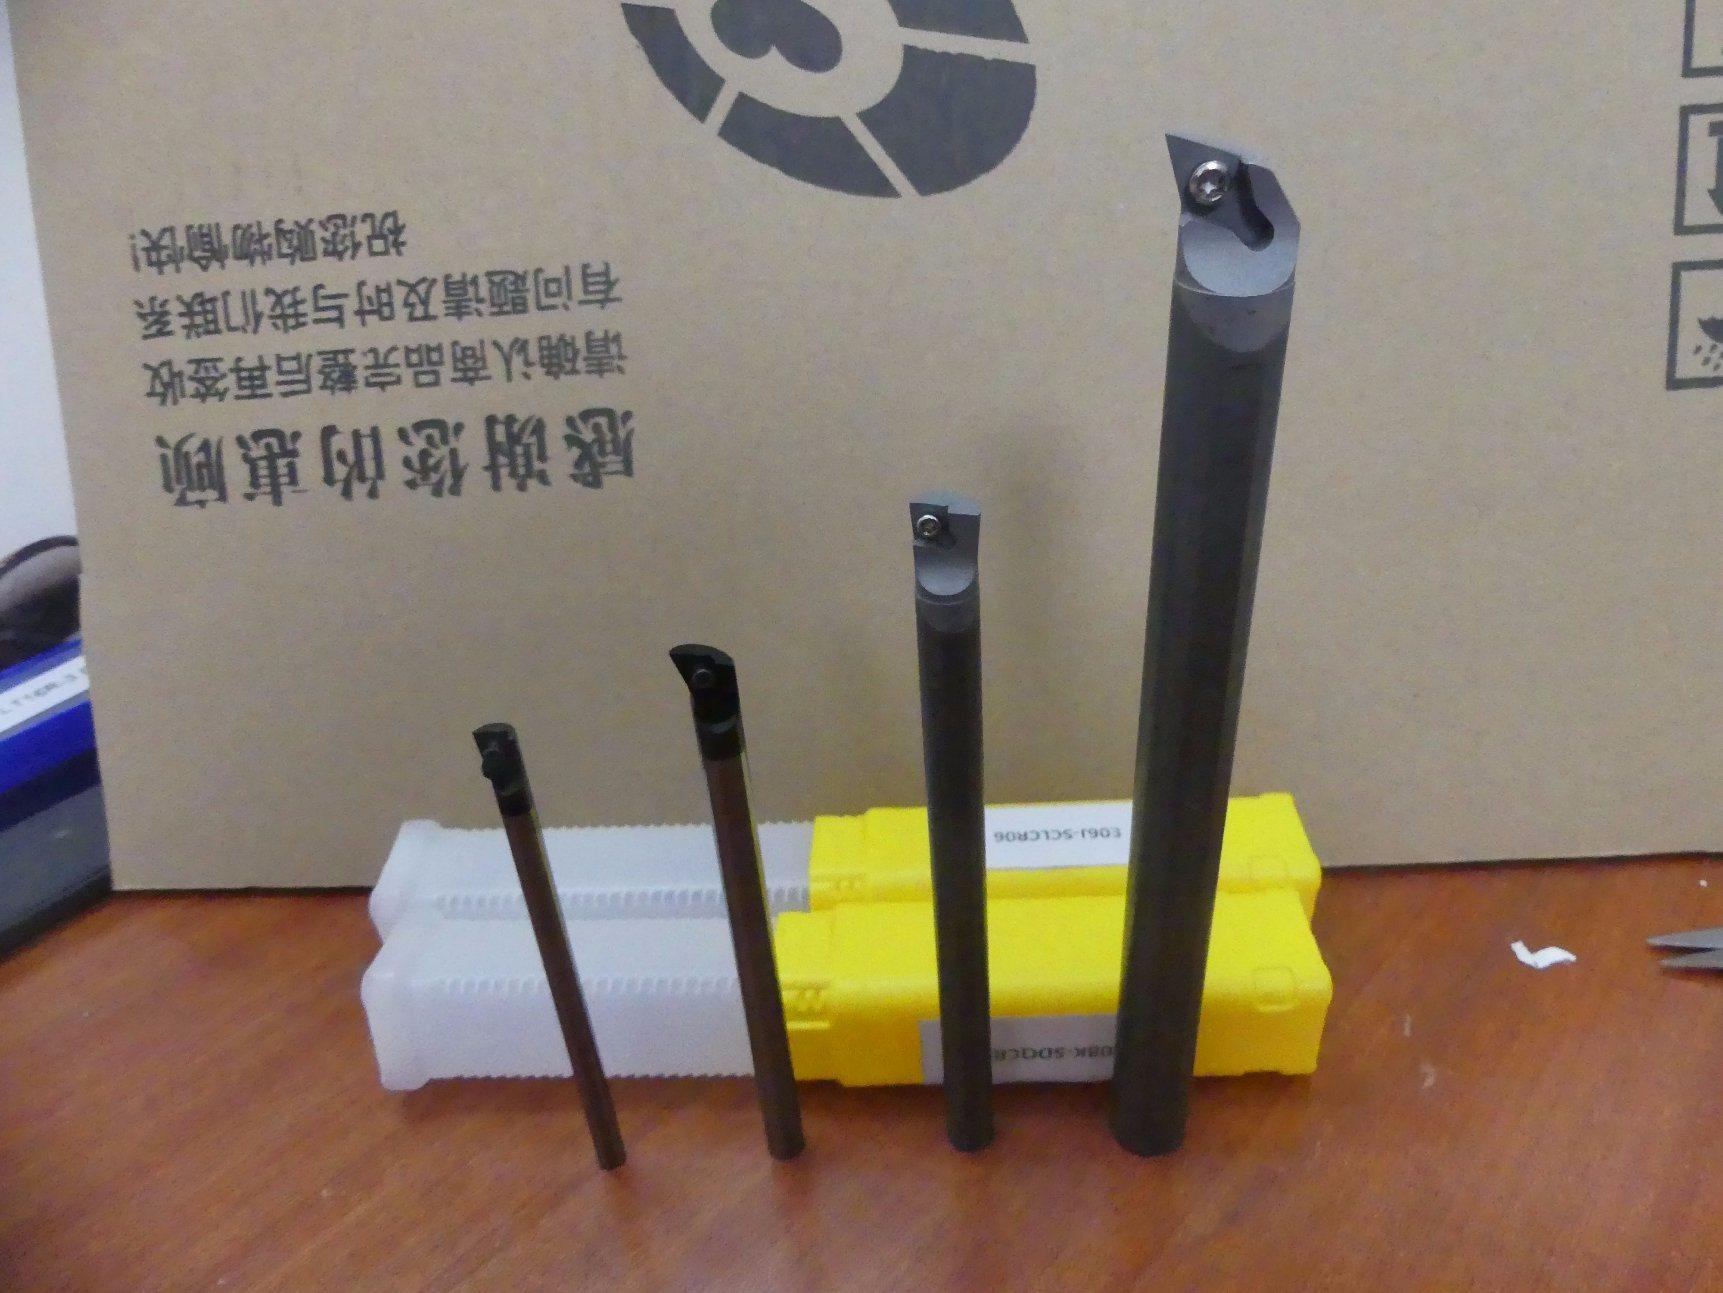 Cutoutil E08k-Sdqcr07 Carbide Boring Bar Carbide Shank with Coolant Boring Bar